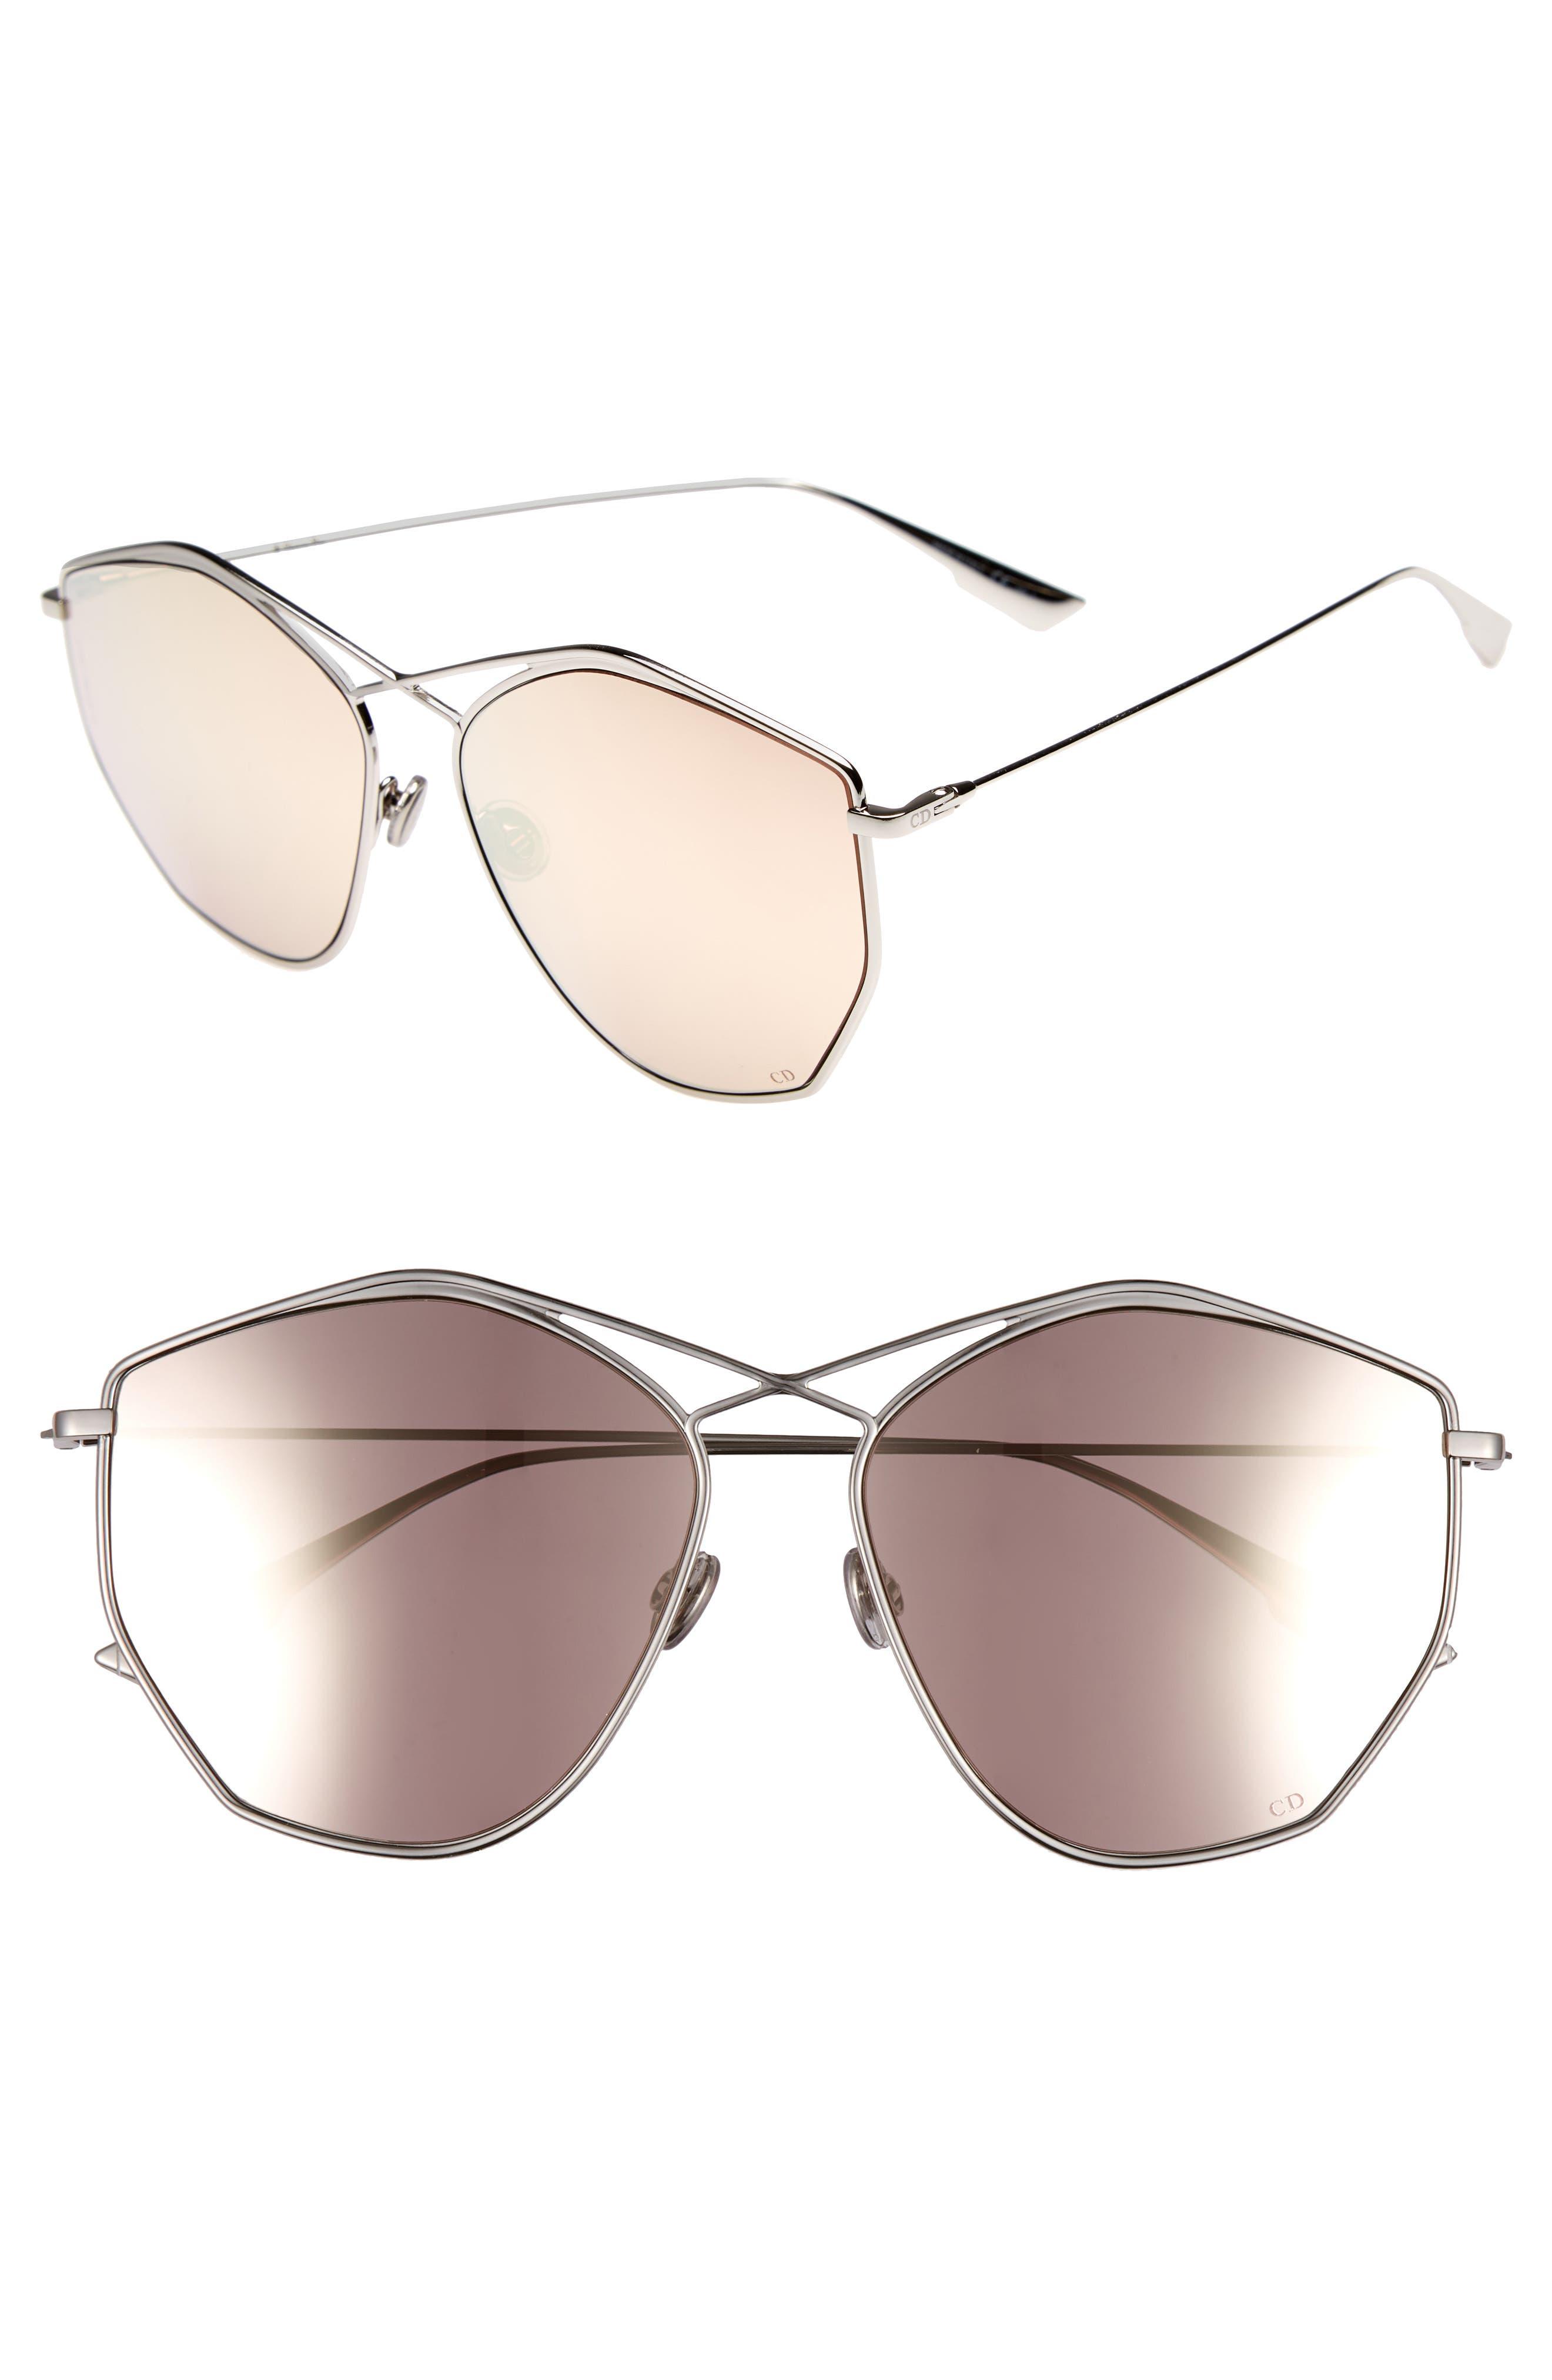 Main Image - Dior 59mm Metal Sunglasses